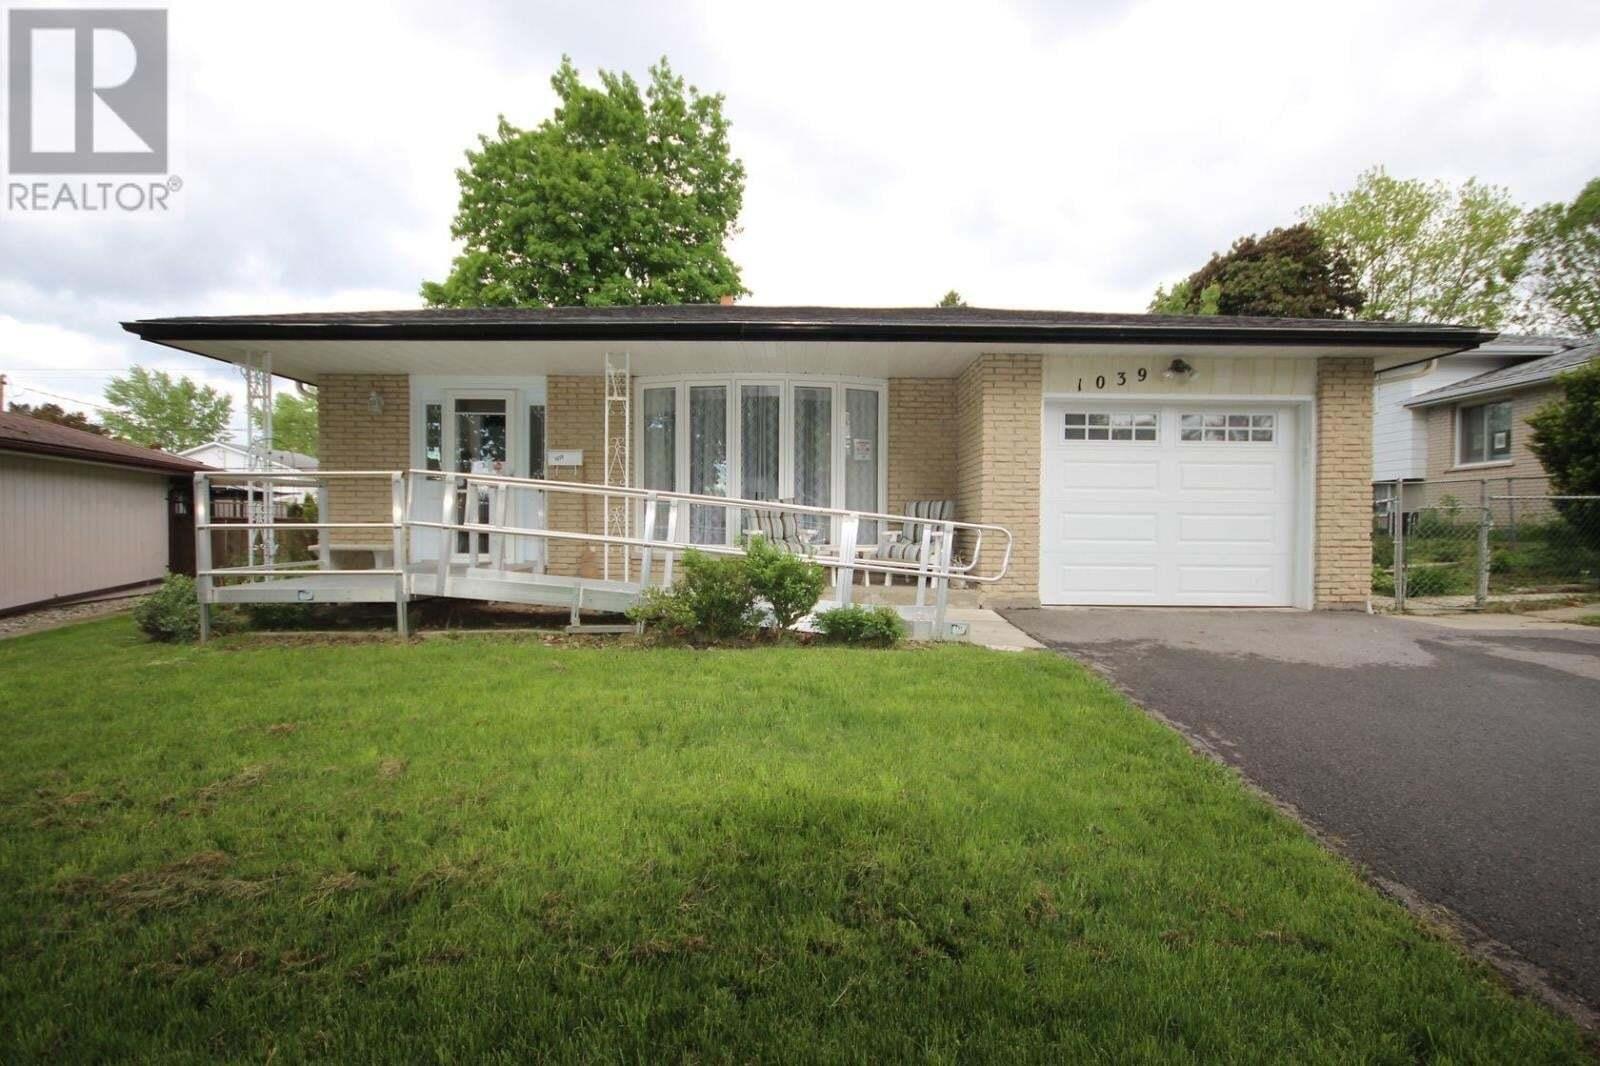 House for sale at 1039 Hudson Dr Kingston Ontario - MLS: K20002706